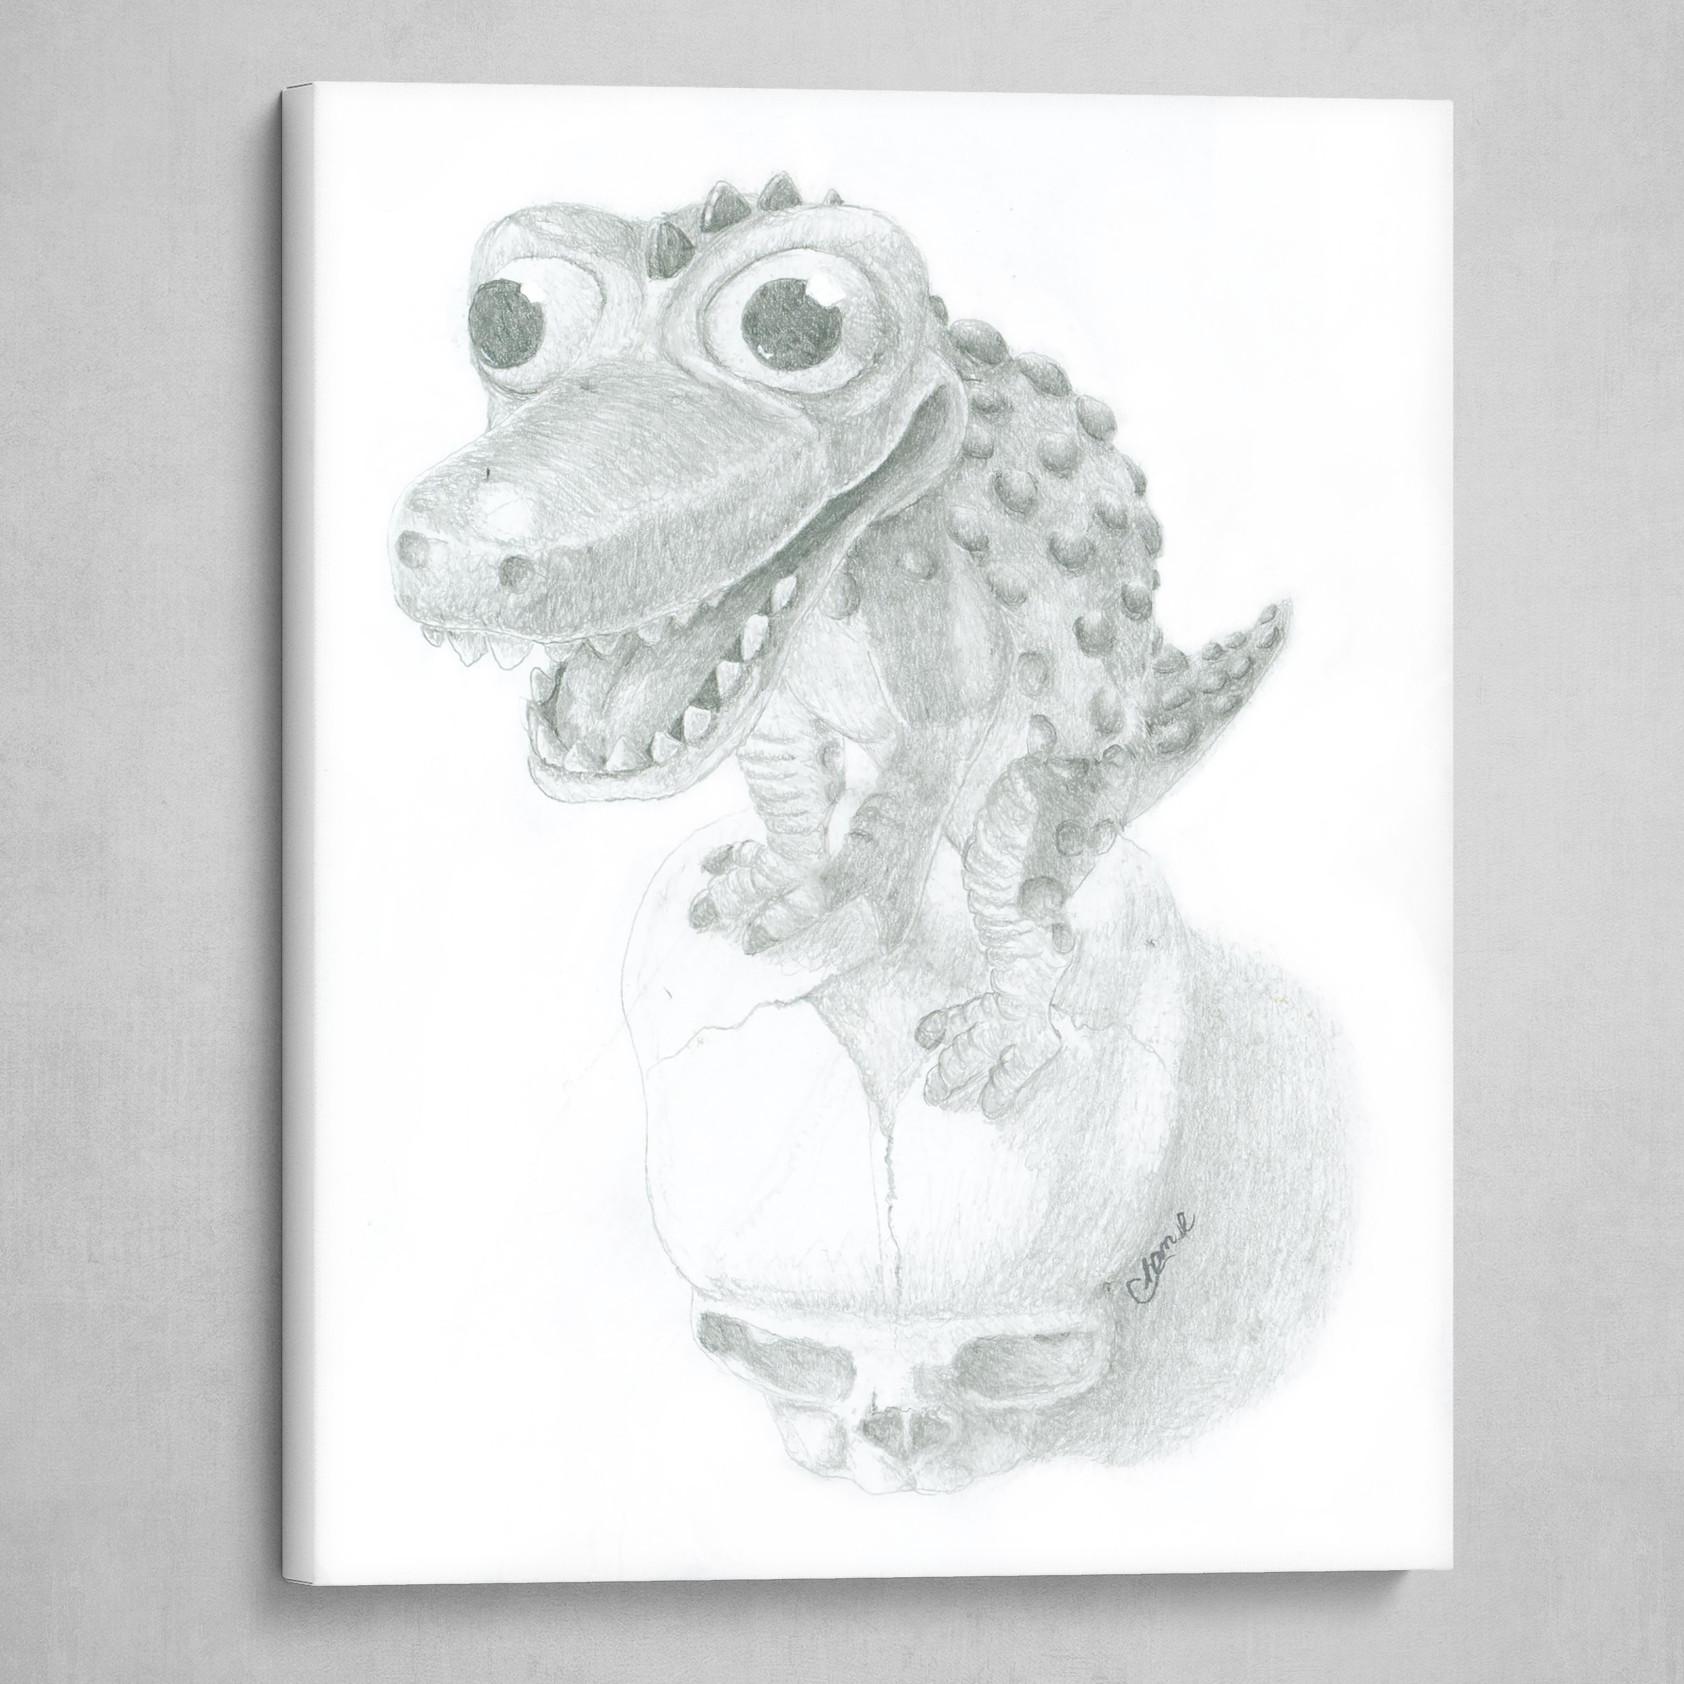 the Duhnosaur